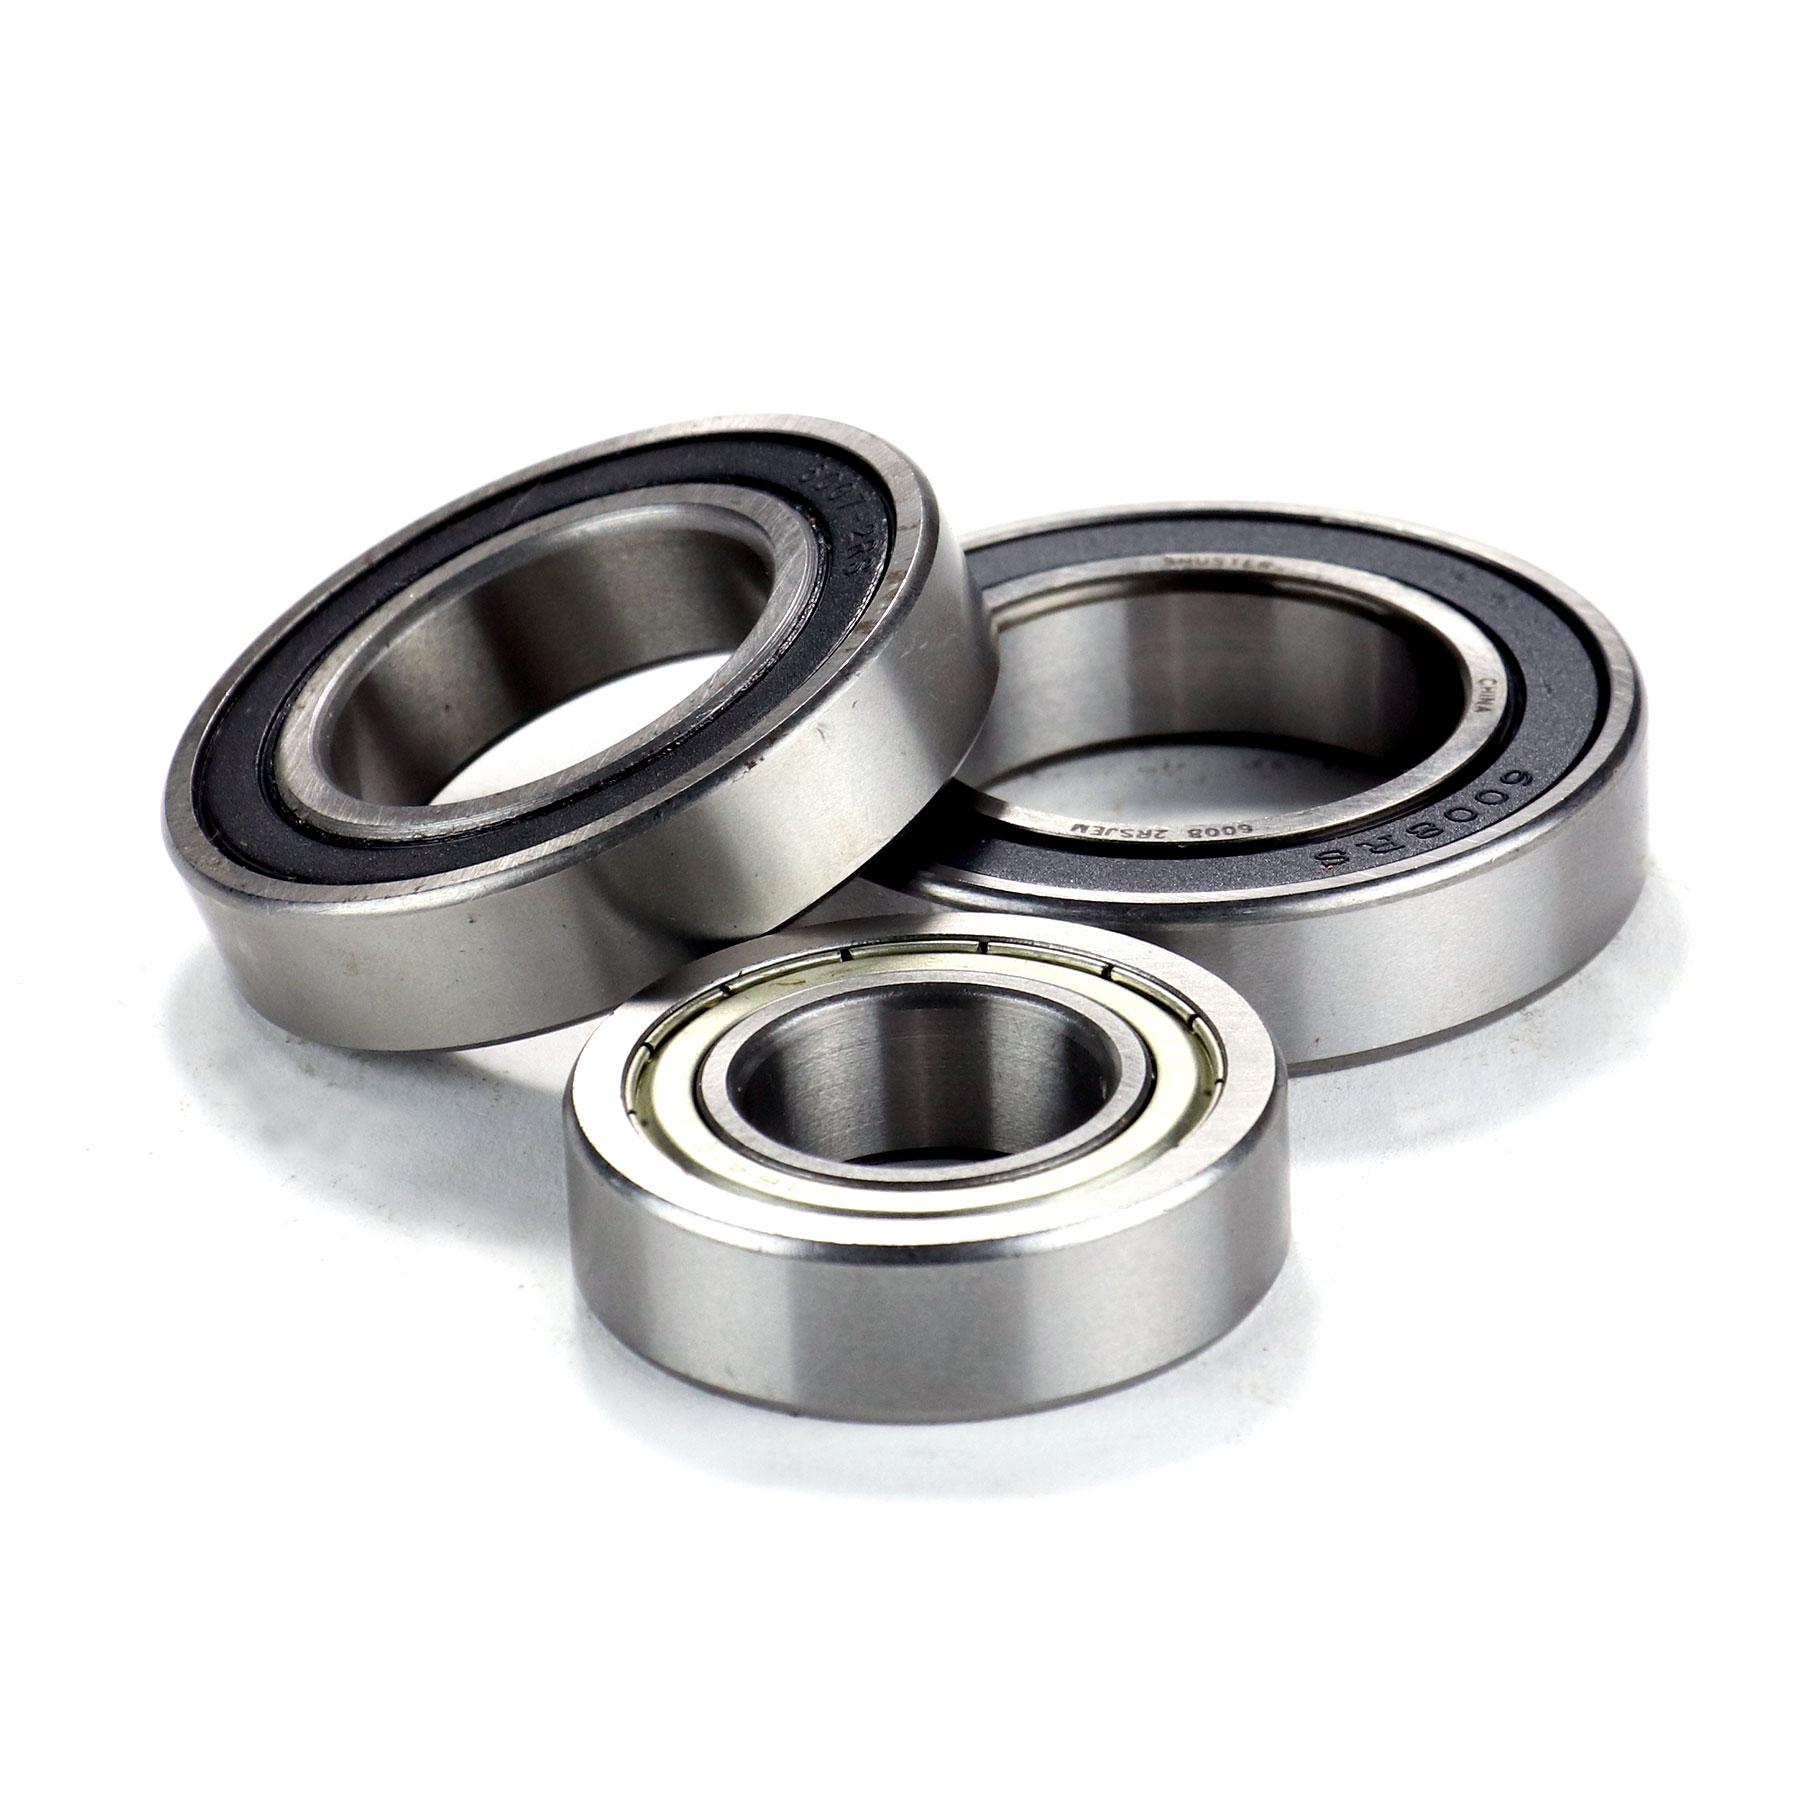 roller bearings, L&M Specialty Fabrication Batavia NY